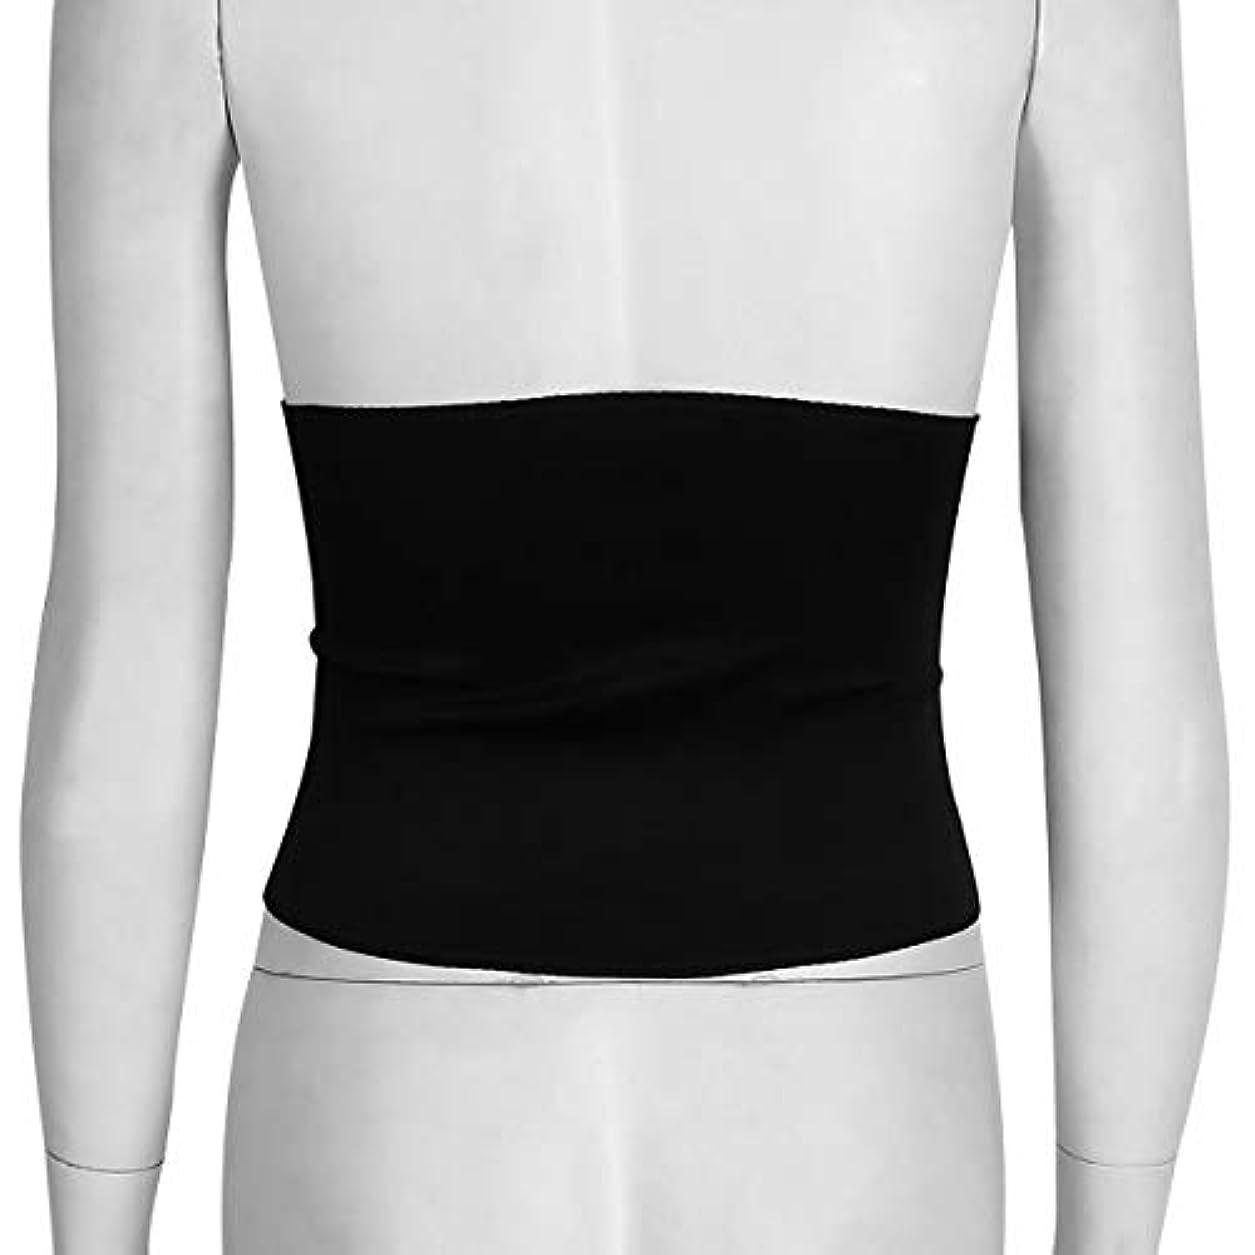 コードおなかがすいた寄託Women Adult Solid Neoprene Healthy Slimming Weight Loss Waist Belts Body Shaper Slimming Trainer Trimmer Corsets